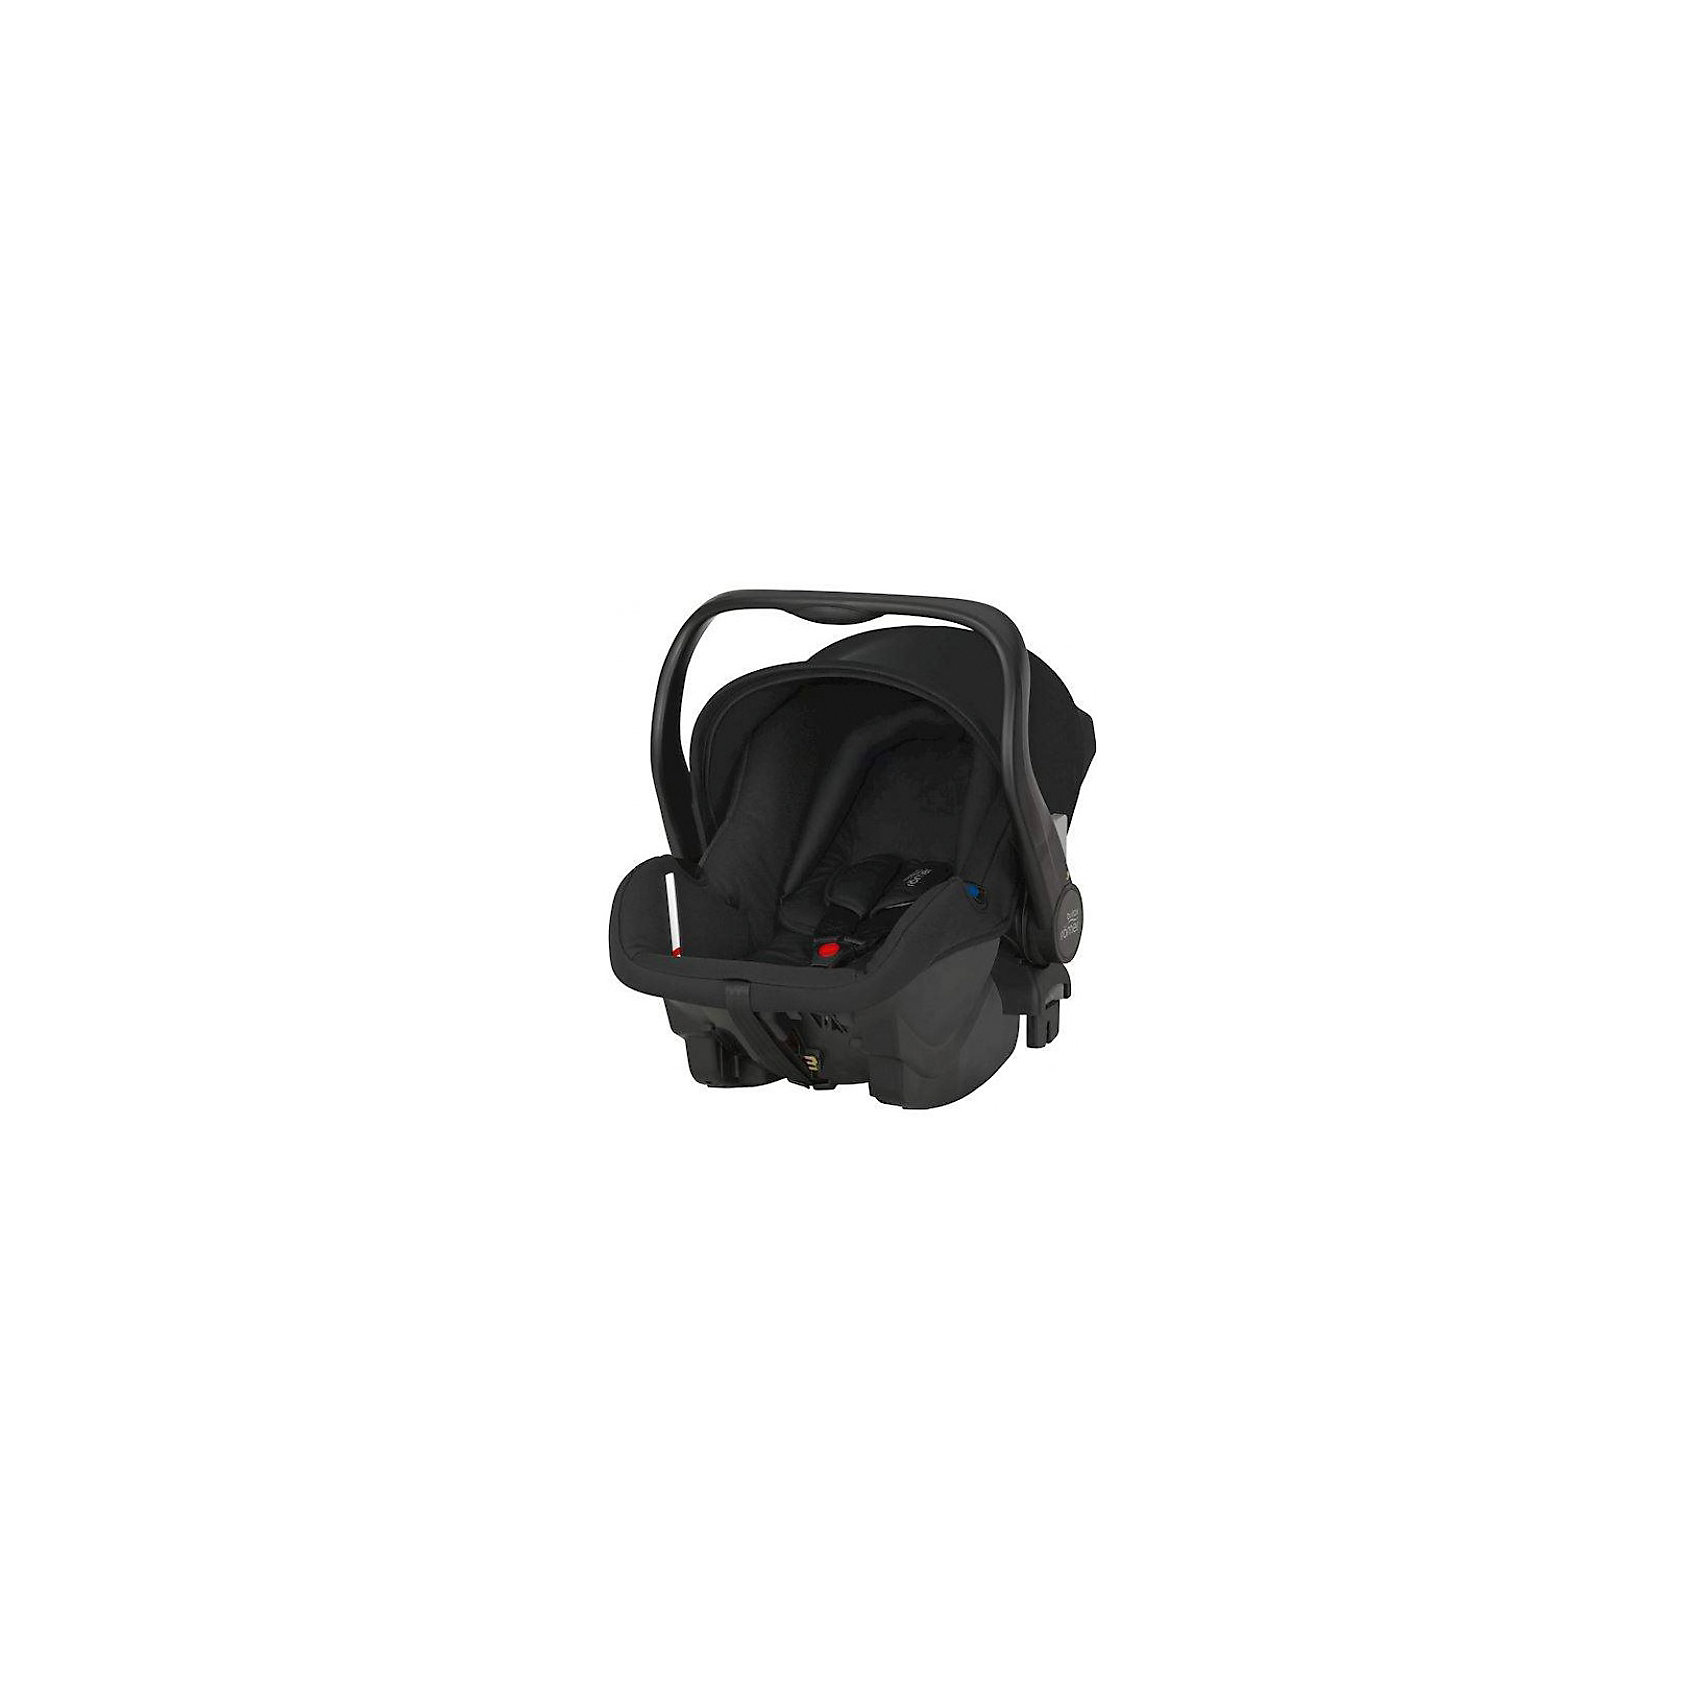 Автокресло Britax PRIMO 0-13 кг, Cosmos BlackГруппа 0+ (До 13 кг)<br>Автокресло PRIMO Cosmos Black создано специально для родителей, которые заботятся о комфорте и безопасности ребенка. Автокресло предназначено для детей с рождения и весом до 13 кг. Кресло легко устанавливается как в автомобиль, так и в коляски с системой Click&amp;Go. Для безопасности малыша кресло оборудовано 3-точечными ремнями безопасности с мягкими накладками и регулируемой длиной, глубокими боковинами с мягкими бортами на случай удара сбоку и солнцезащитным капюшоном. Для комфорта ребенка в автокресле предусмотрены мягкий вкладыш для новорожденного, состоящий из мягкого подголовника и подушки под спину, воздухопроницаемые ткани чехла. Такому автокреслу смело можно доверить безопасность малыша!<br>Дополнительная информация:<br>-установка против хода движения <br>-фиксация ребенка внутренними 3-точечными ремнями безопасности<br>-крепление кресла штатными 3-точечными ремнями безопасности или системы Primo Base<br>-регулируемый съемный солнцезащитный капюшон<br>-удобная ручка для 3 положений: переноска, кормление ребенка, установка вне автомобиля<br>Материал: металл, текстиль, пластик<br>Цвет: черный<br>Размеры 53,5х44х62,5 см<br>Вес: 4 кг<br>Автокресло PRIMO Cosmos Black вы можете купить в нашем интернет-магазине.<br><br>Ширина мм: 740<br>Глубина мм: 350<br>Высота мм: 440<br>Вес г: 11700<br>Цвет: черный<br>Возраст от месяцев: 0<br>Возраст до месяцев: 12<br>Пол: Унисекс<br>Возраст: Детский<br>SKU: 4292283